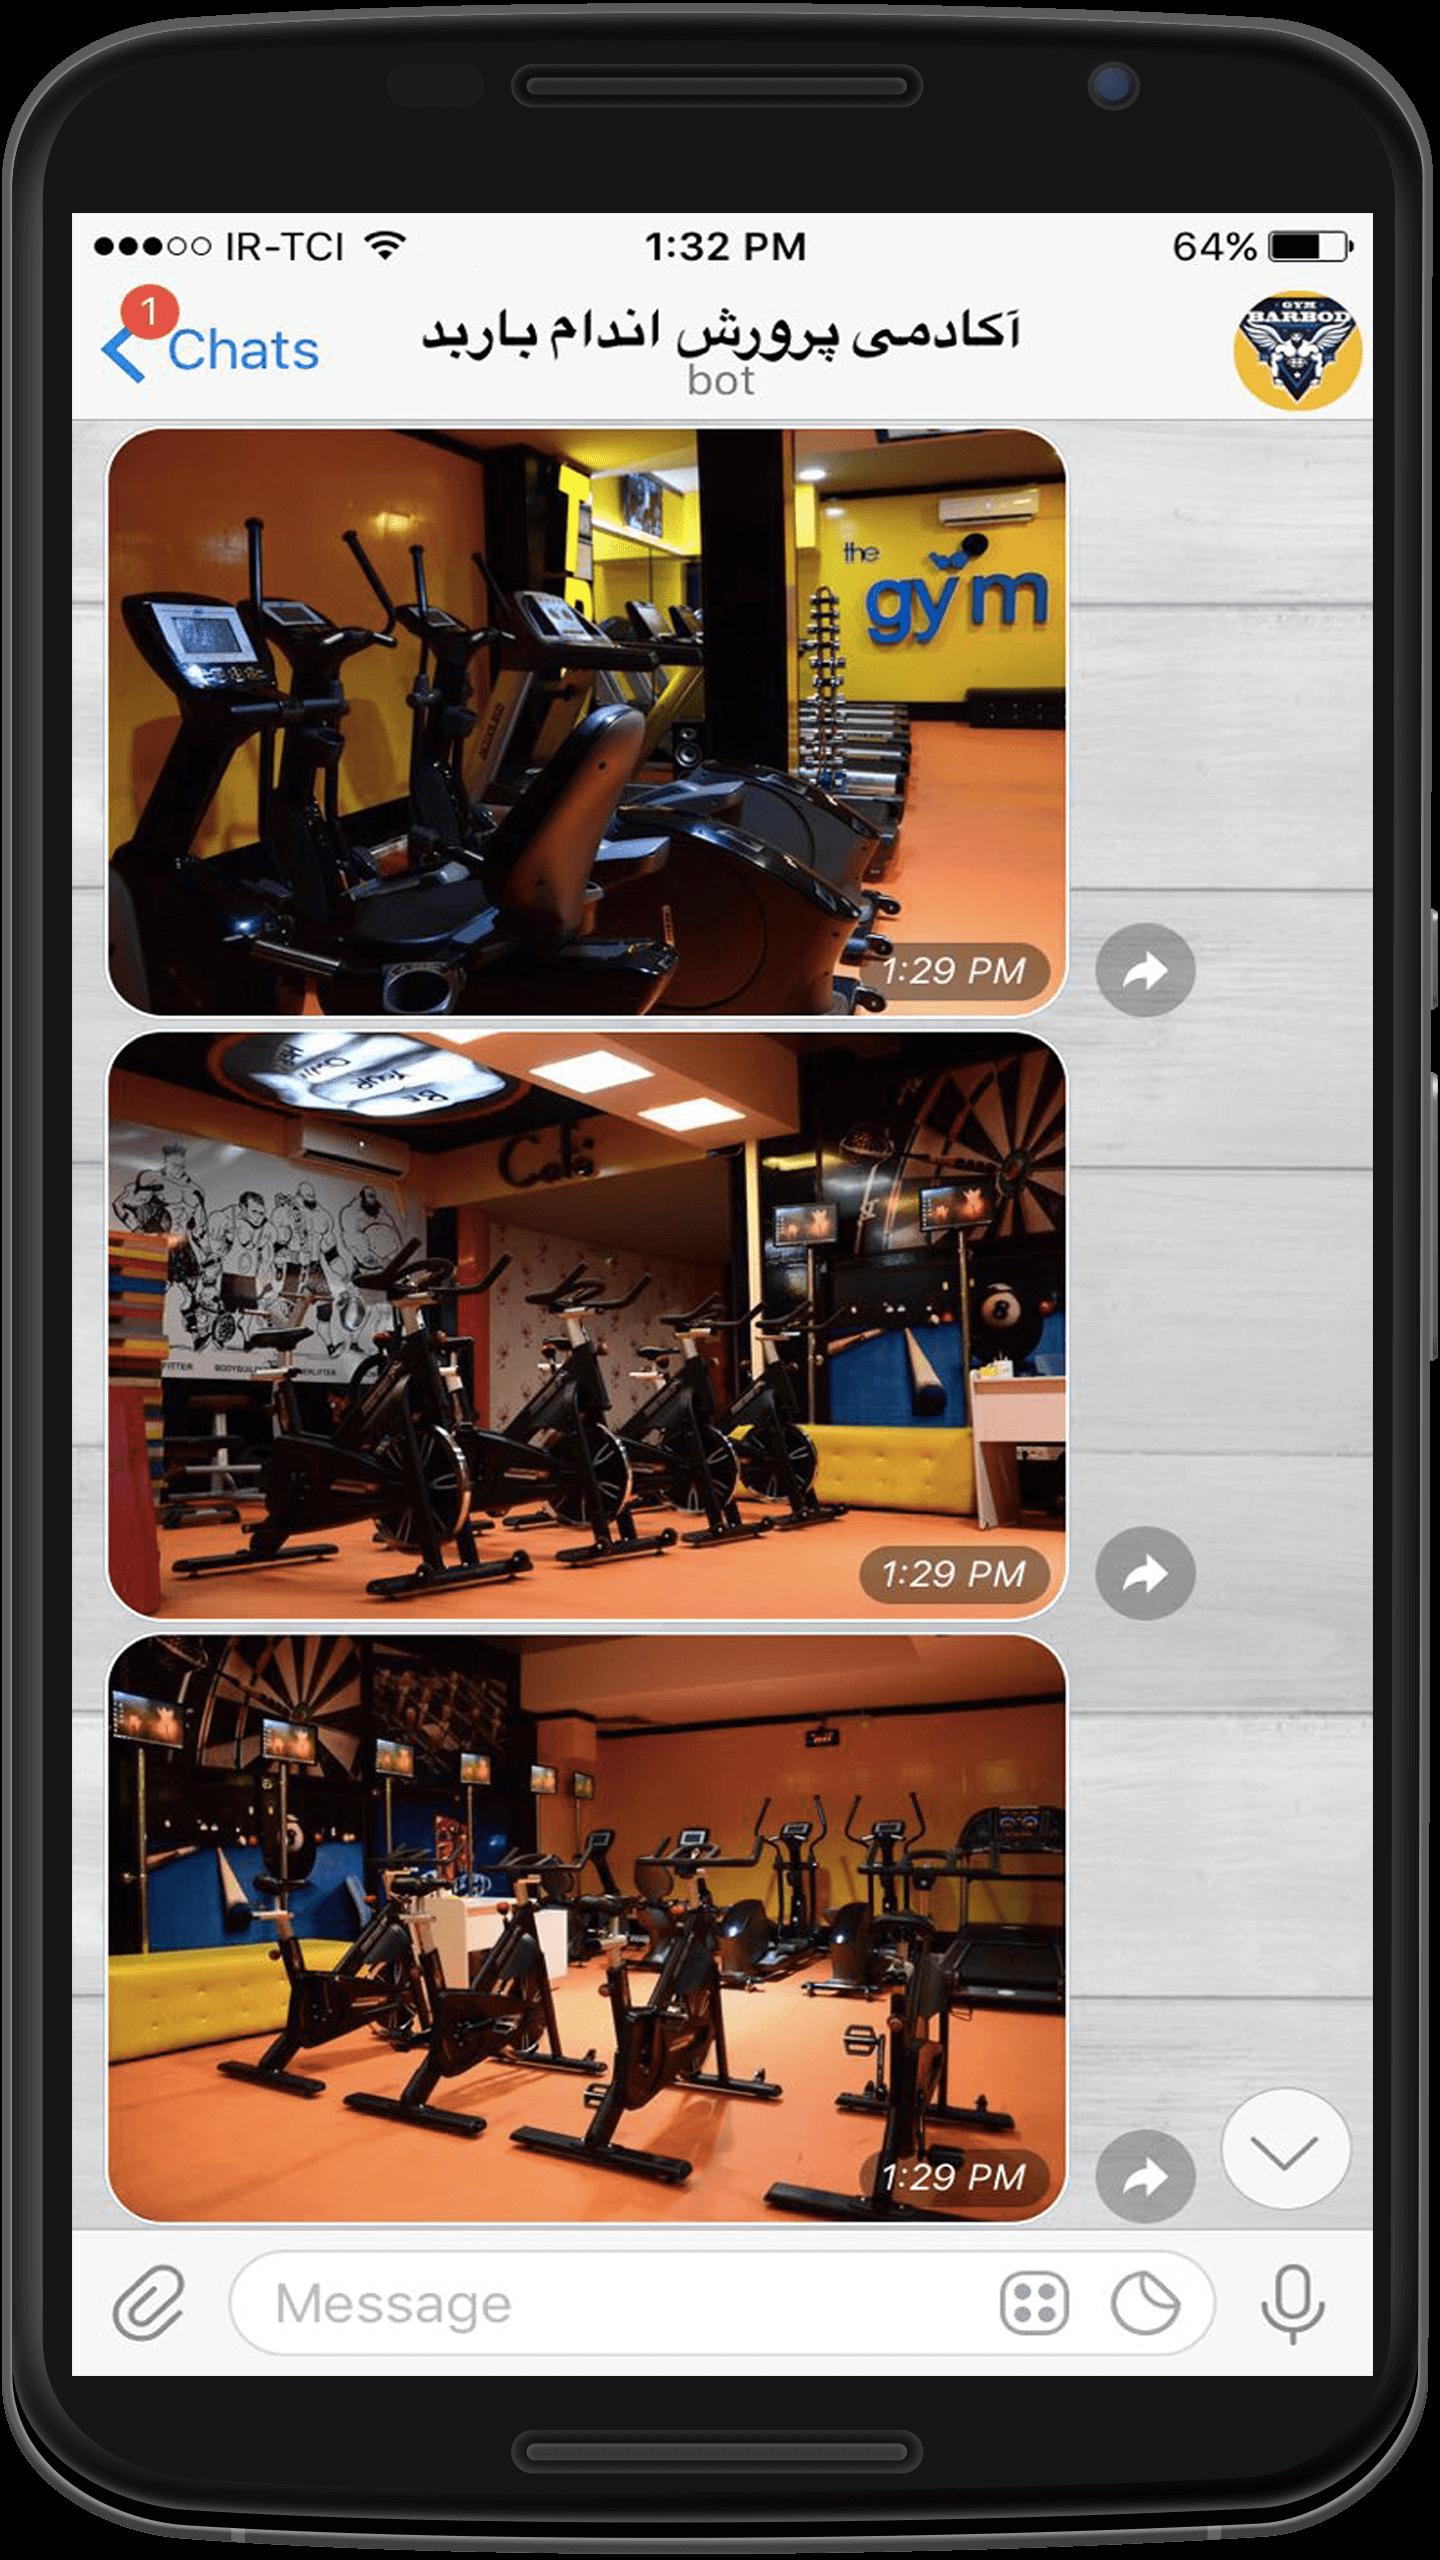 ربات تلگرام بدنسازی | باشگاه باربد | ربات بدنسازی | ربات باشگاه بدنسازی